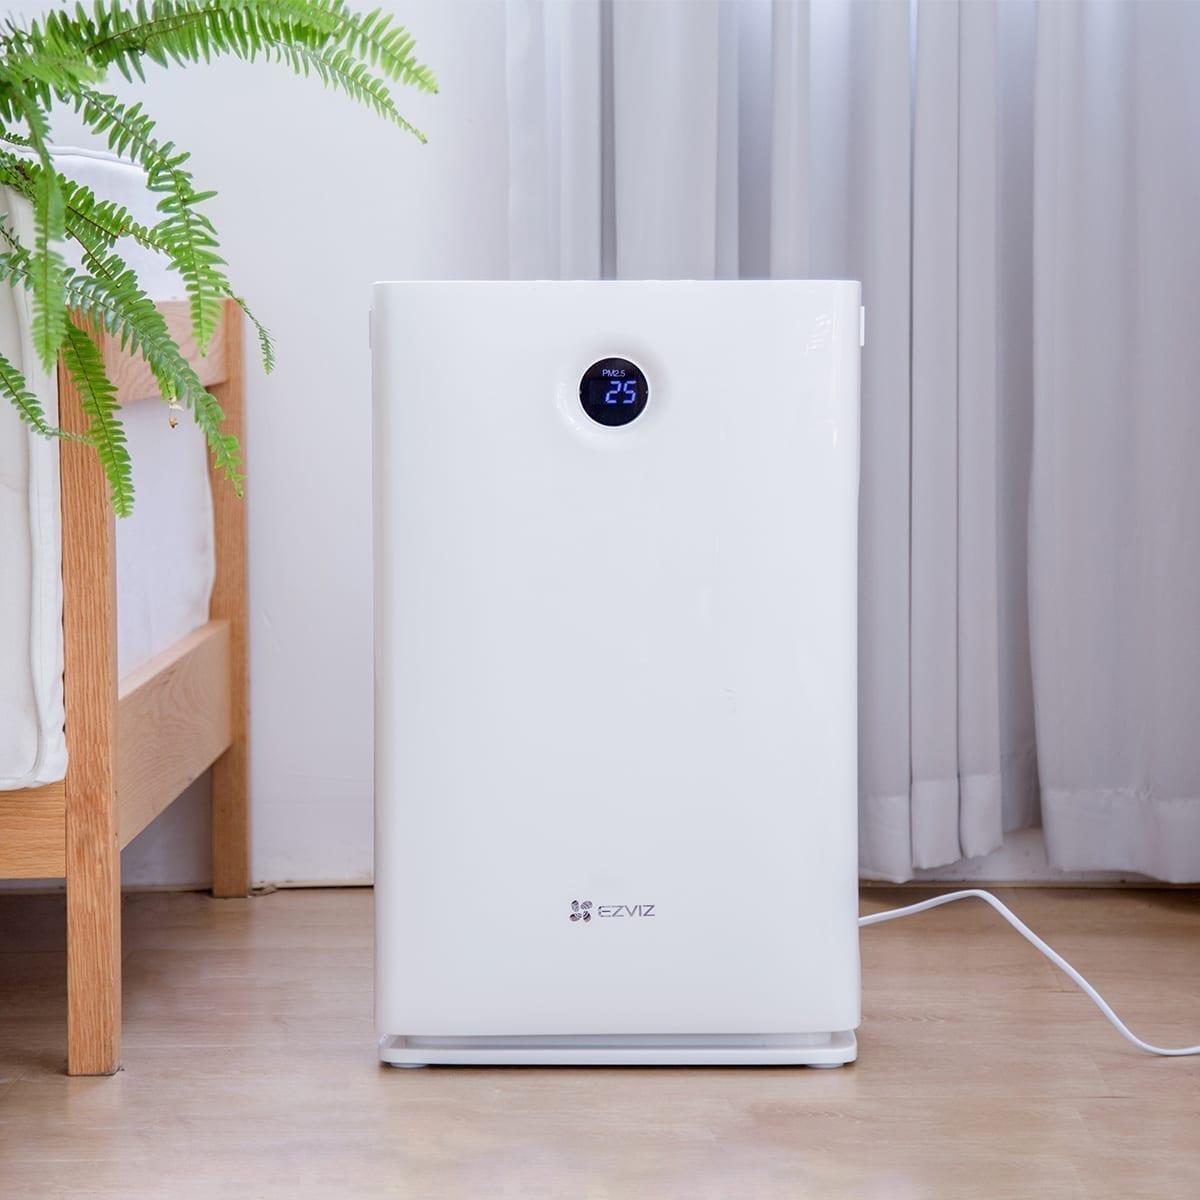 EZVIZ UV-C Air Purifier 8